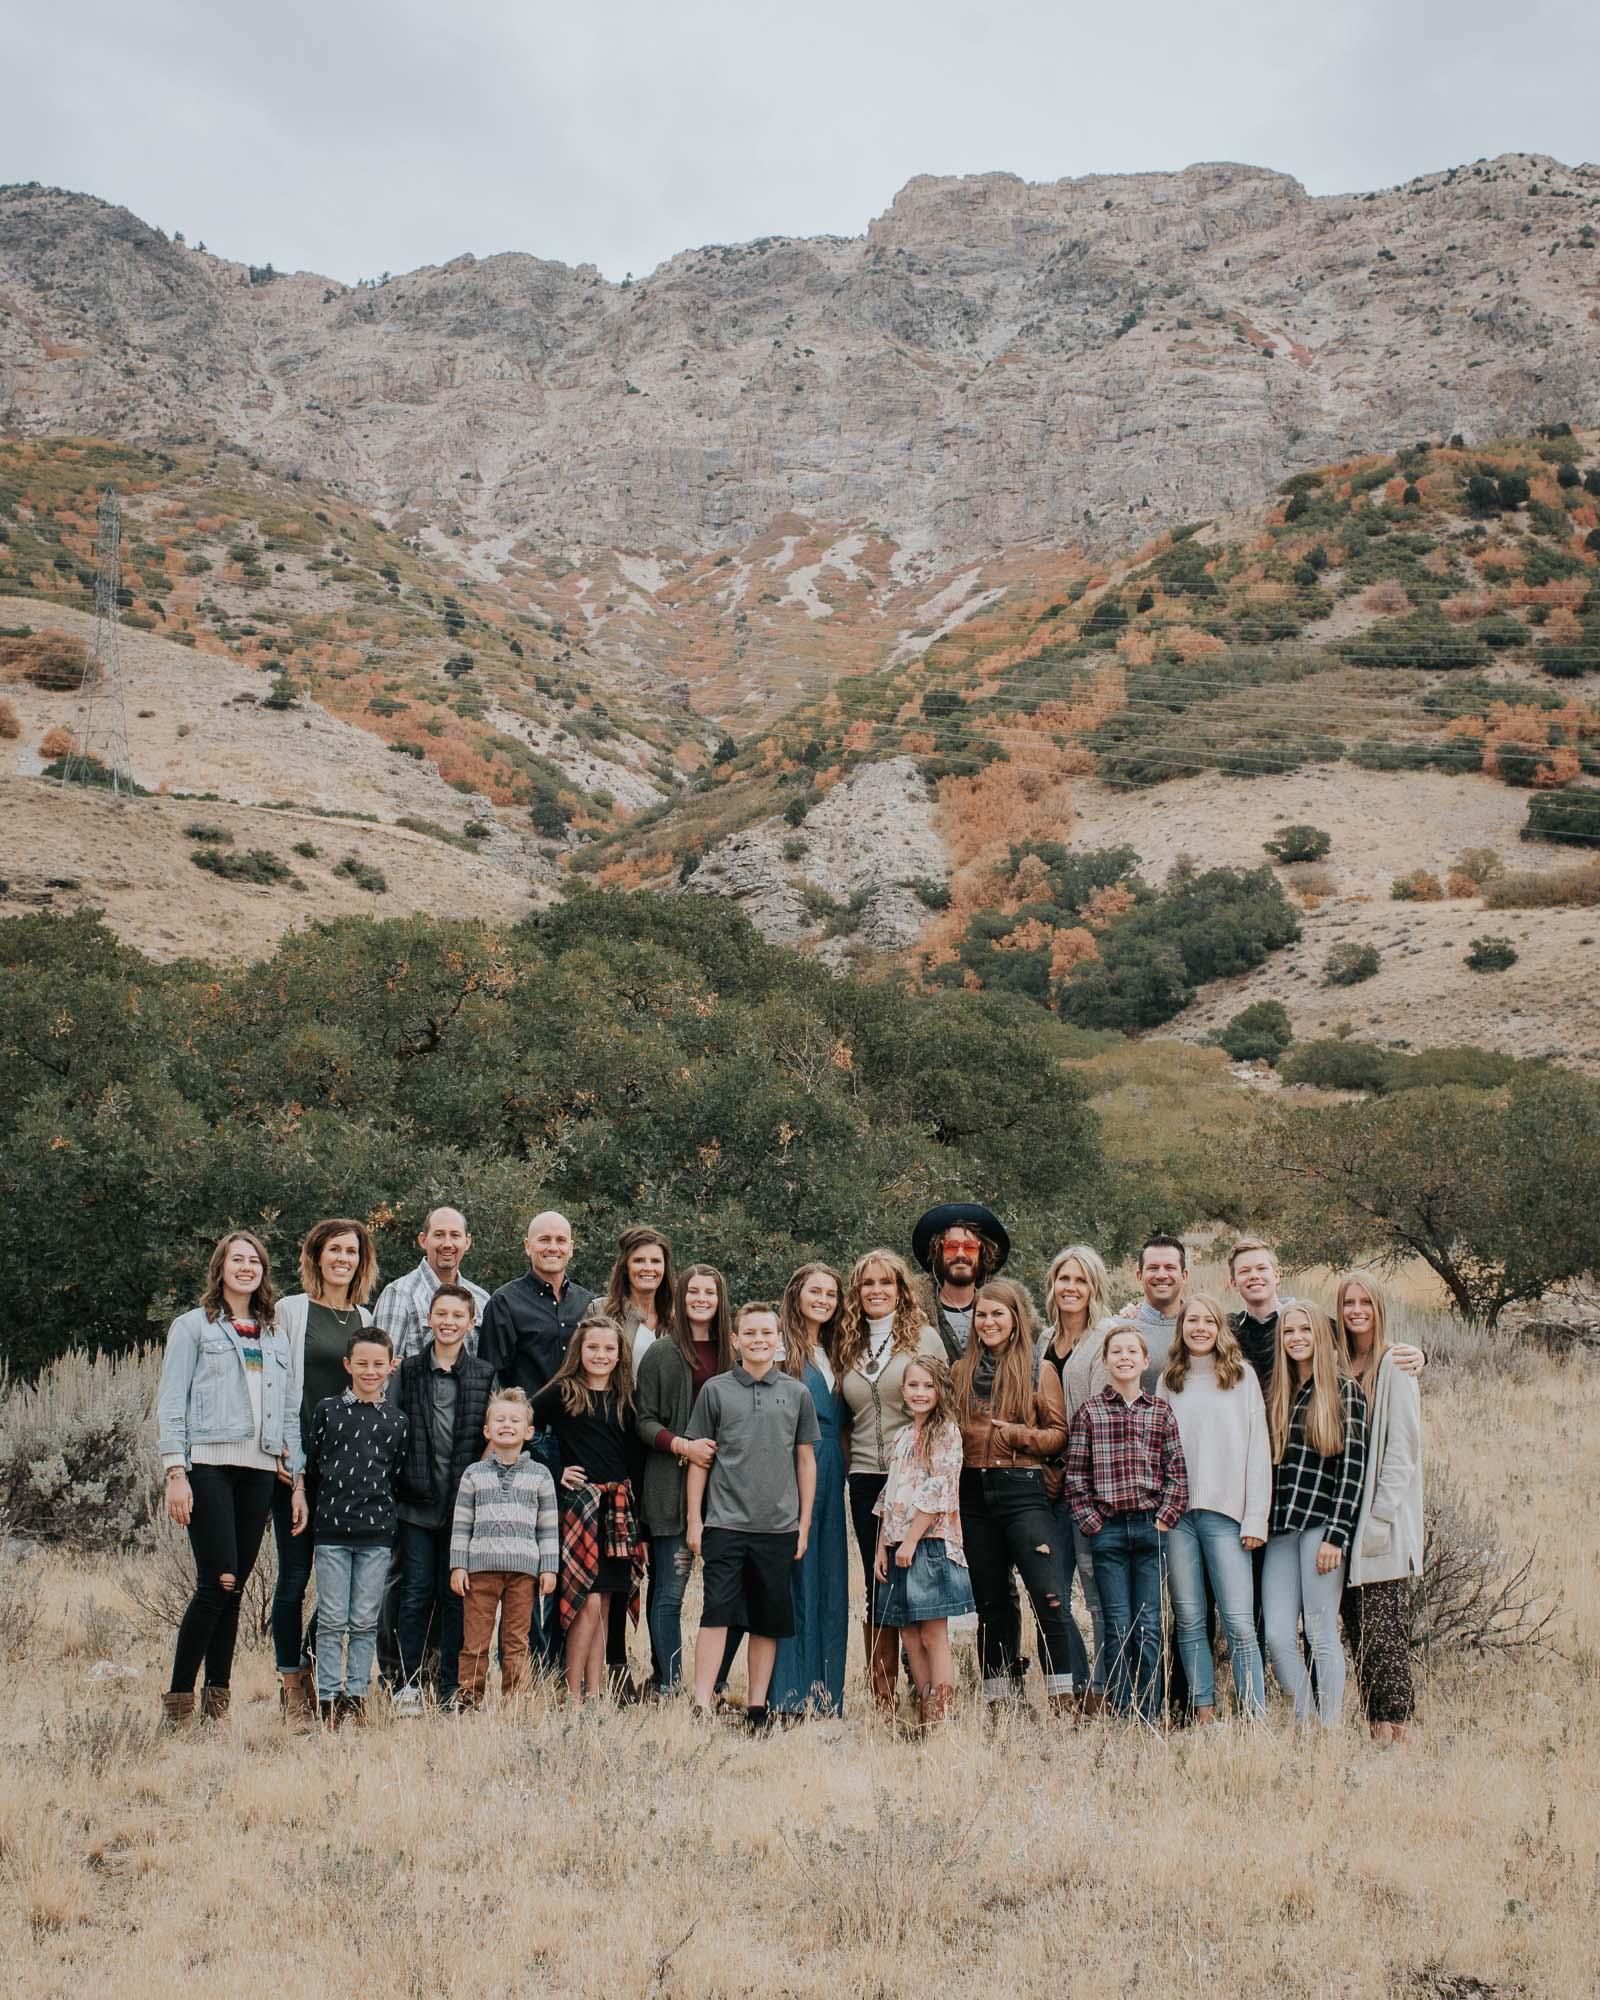 extended_family_session_ogden_cfairchildphotography.jpg